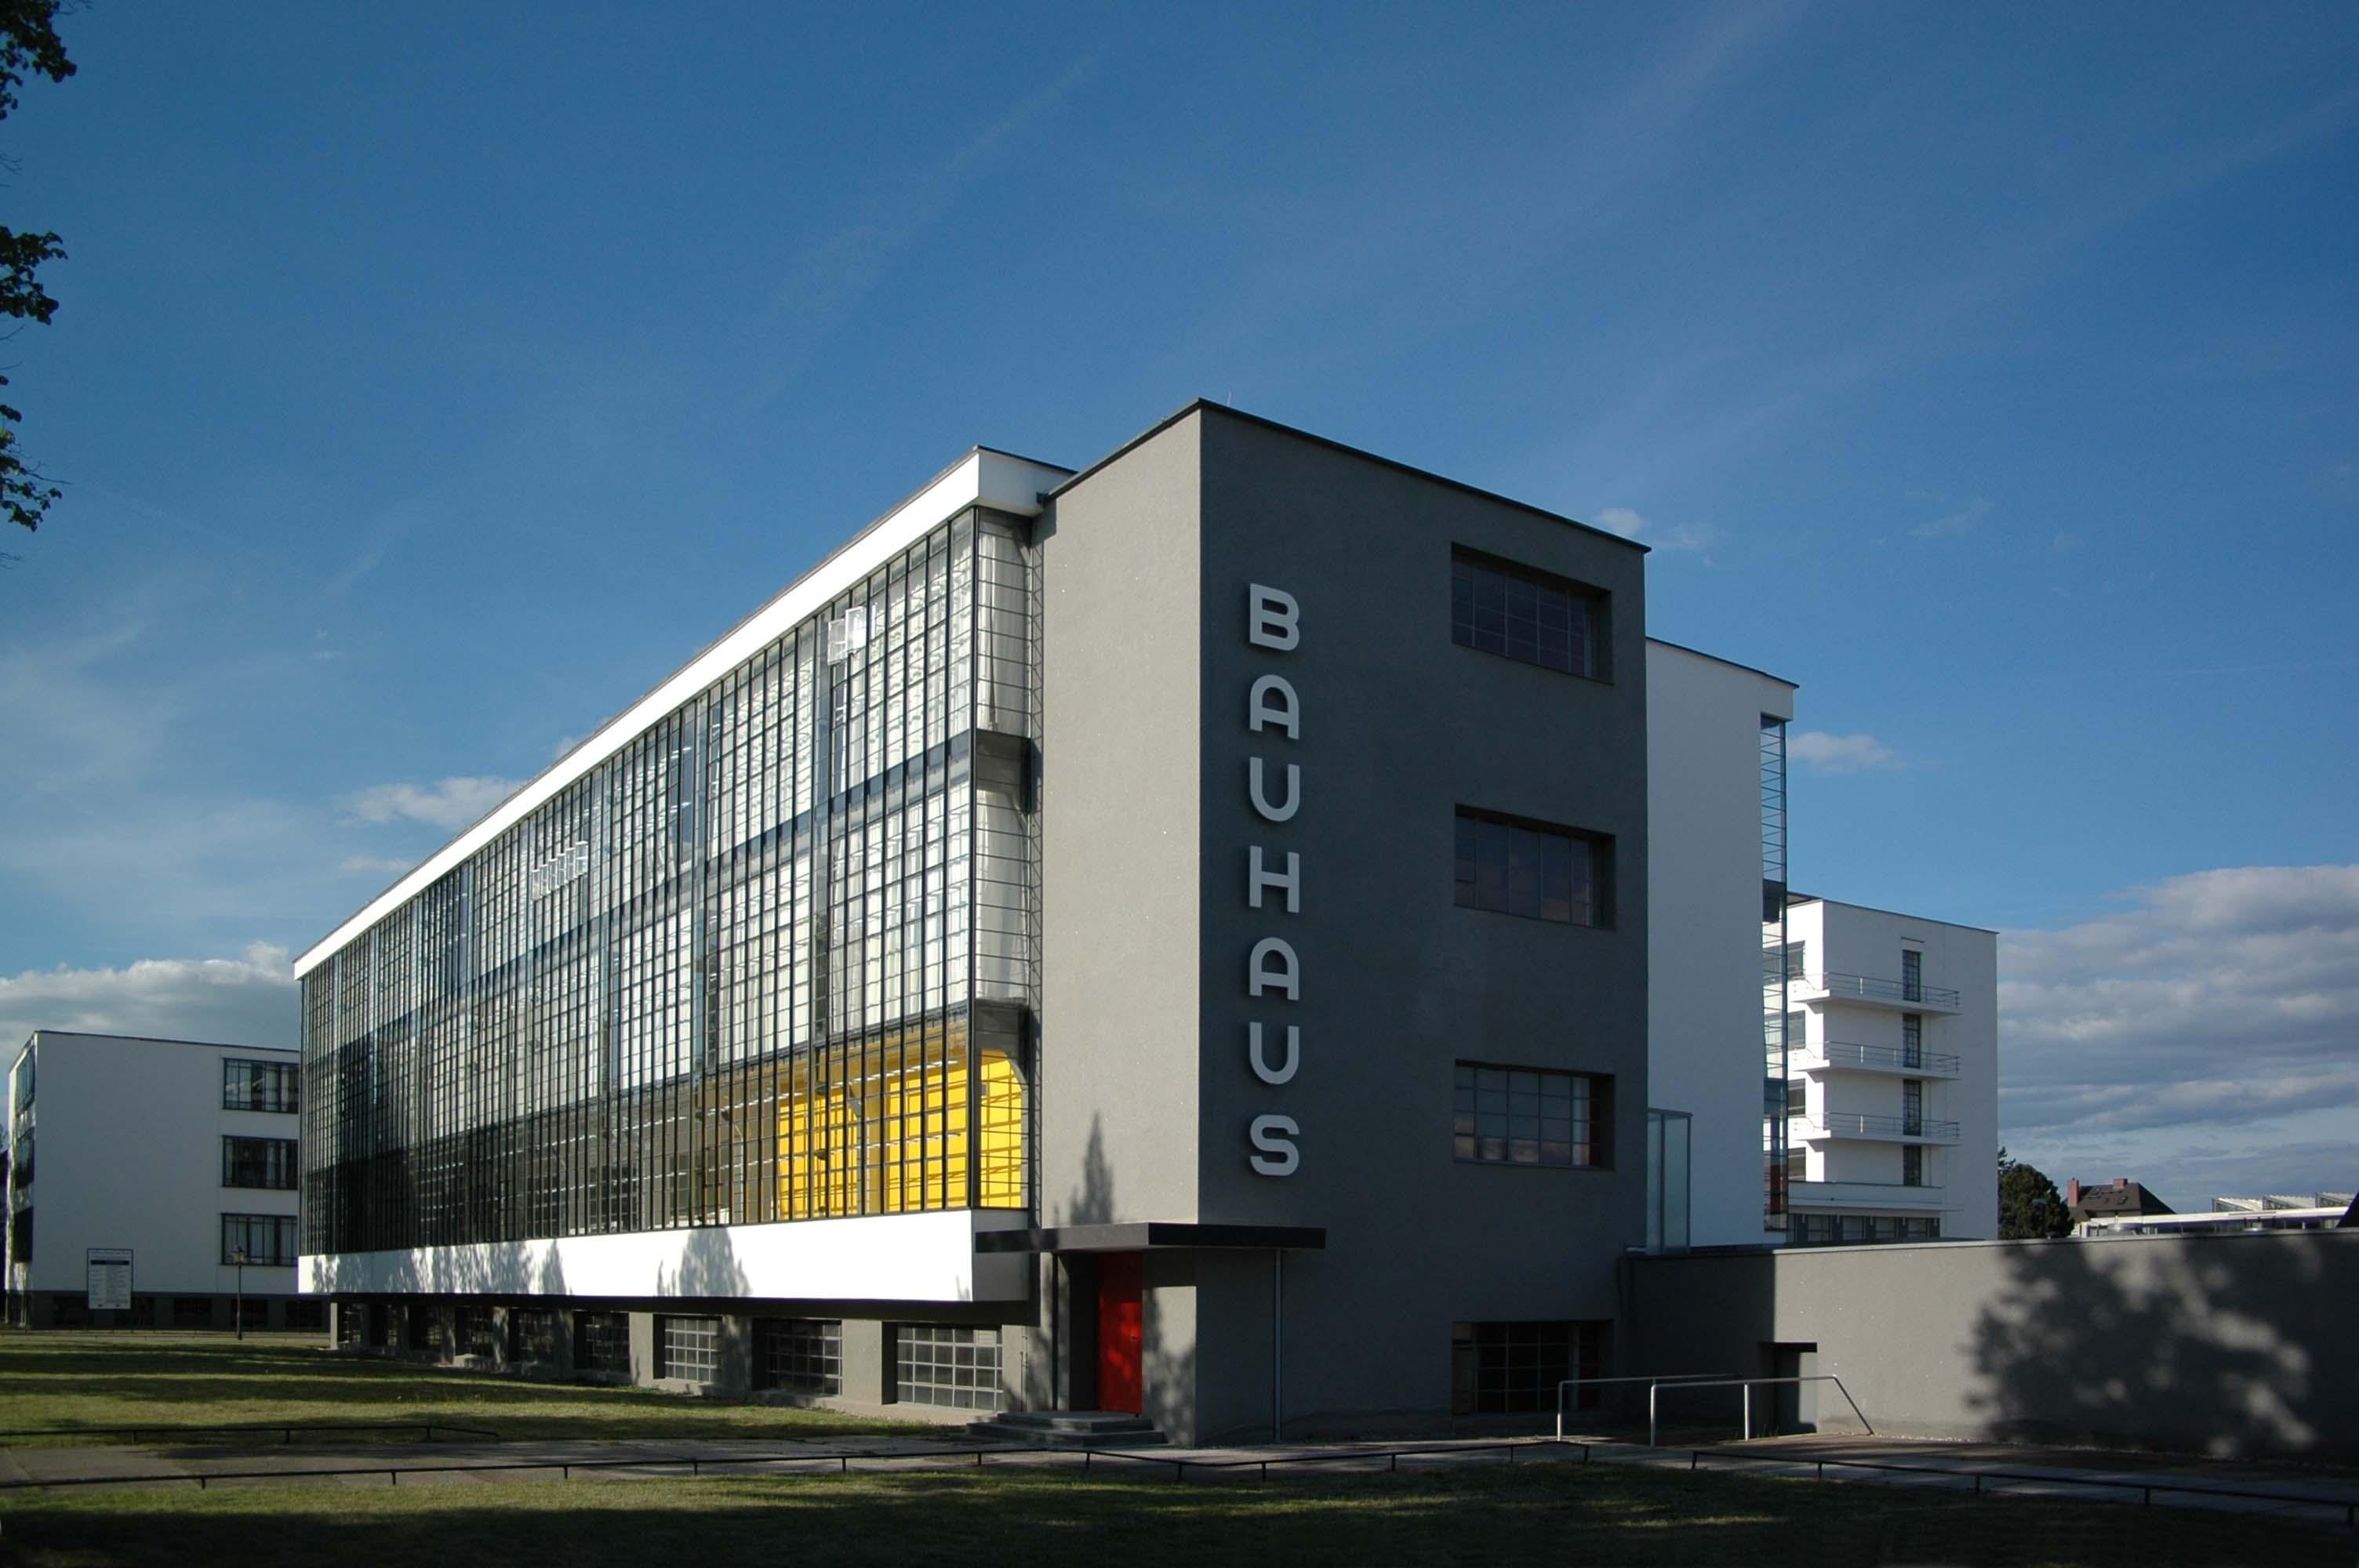 Bauhaus – tiêu biểu cho diễn giải về Học thuyết Công năng